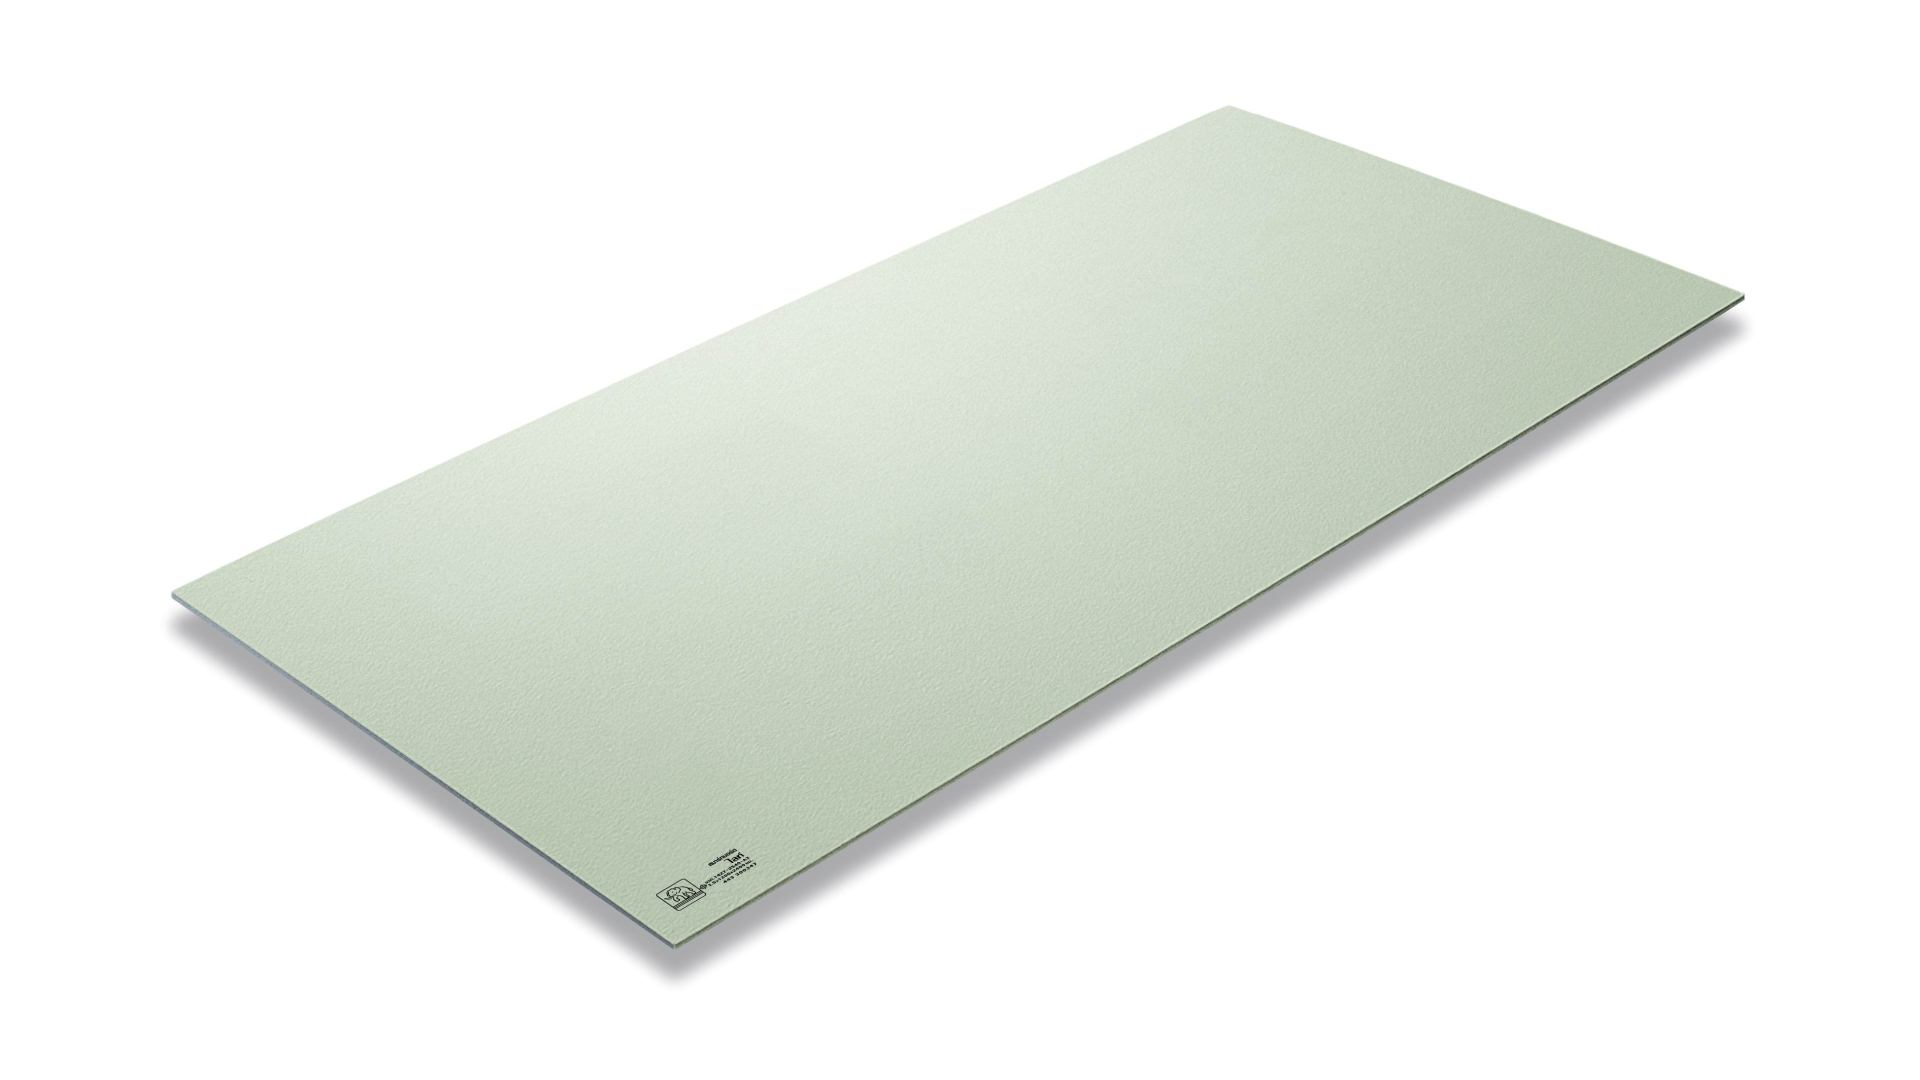 สมาร์ทบอร์ด เอสซีจี รุ่นขอบเรียบ ขนาด 120X120X0.4 ซม. สีซีเมนต์